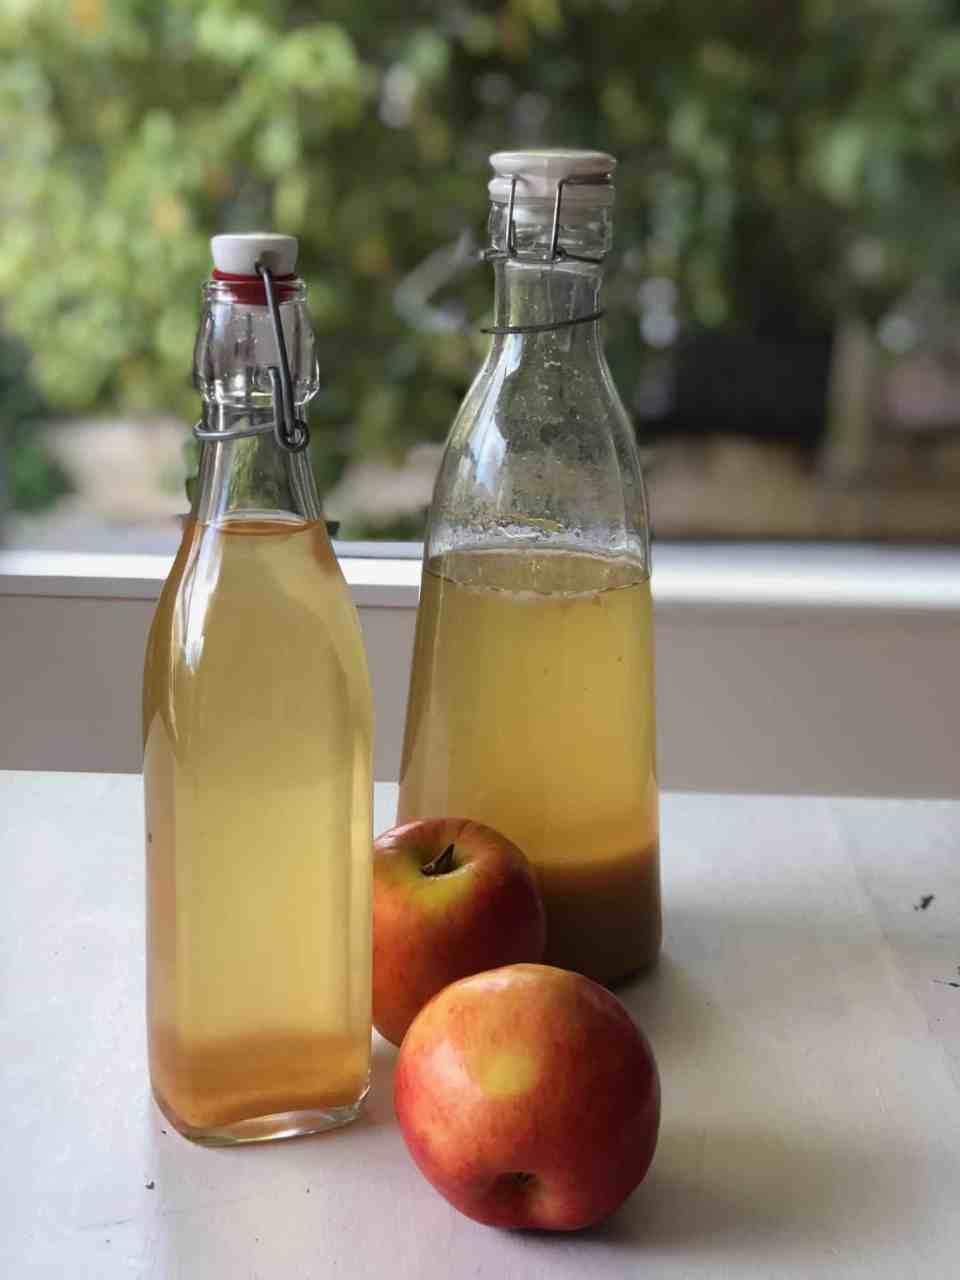 EVEN EASIER: Homemade Apple Cider Vinegar from Apple Scraps